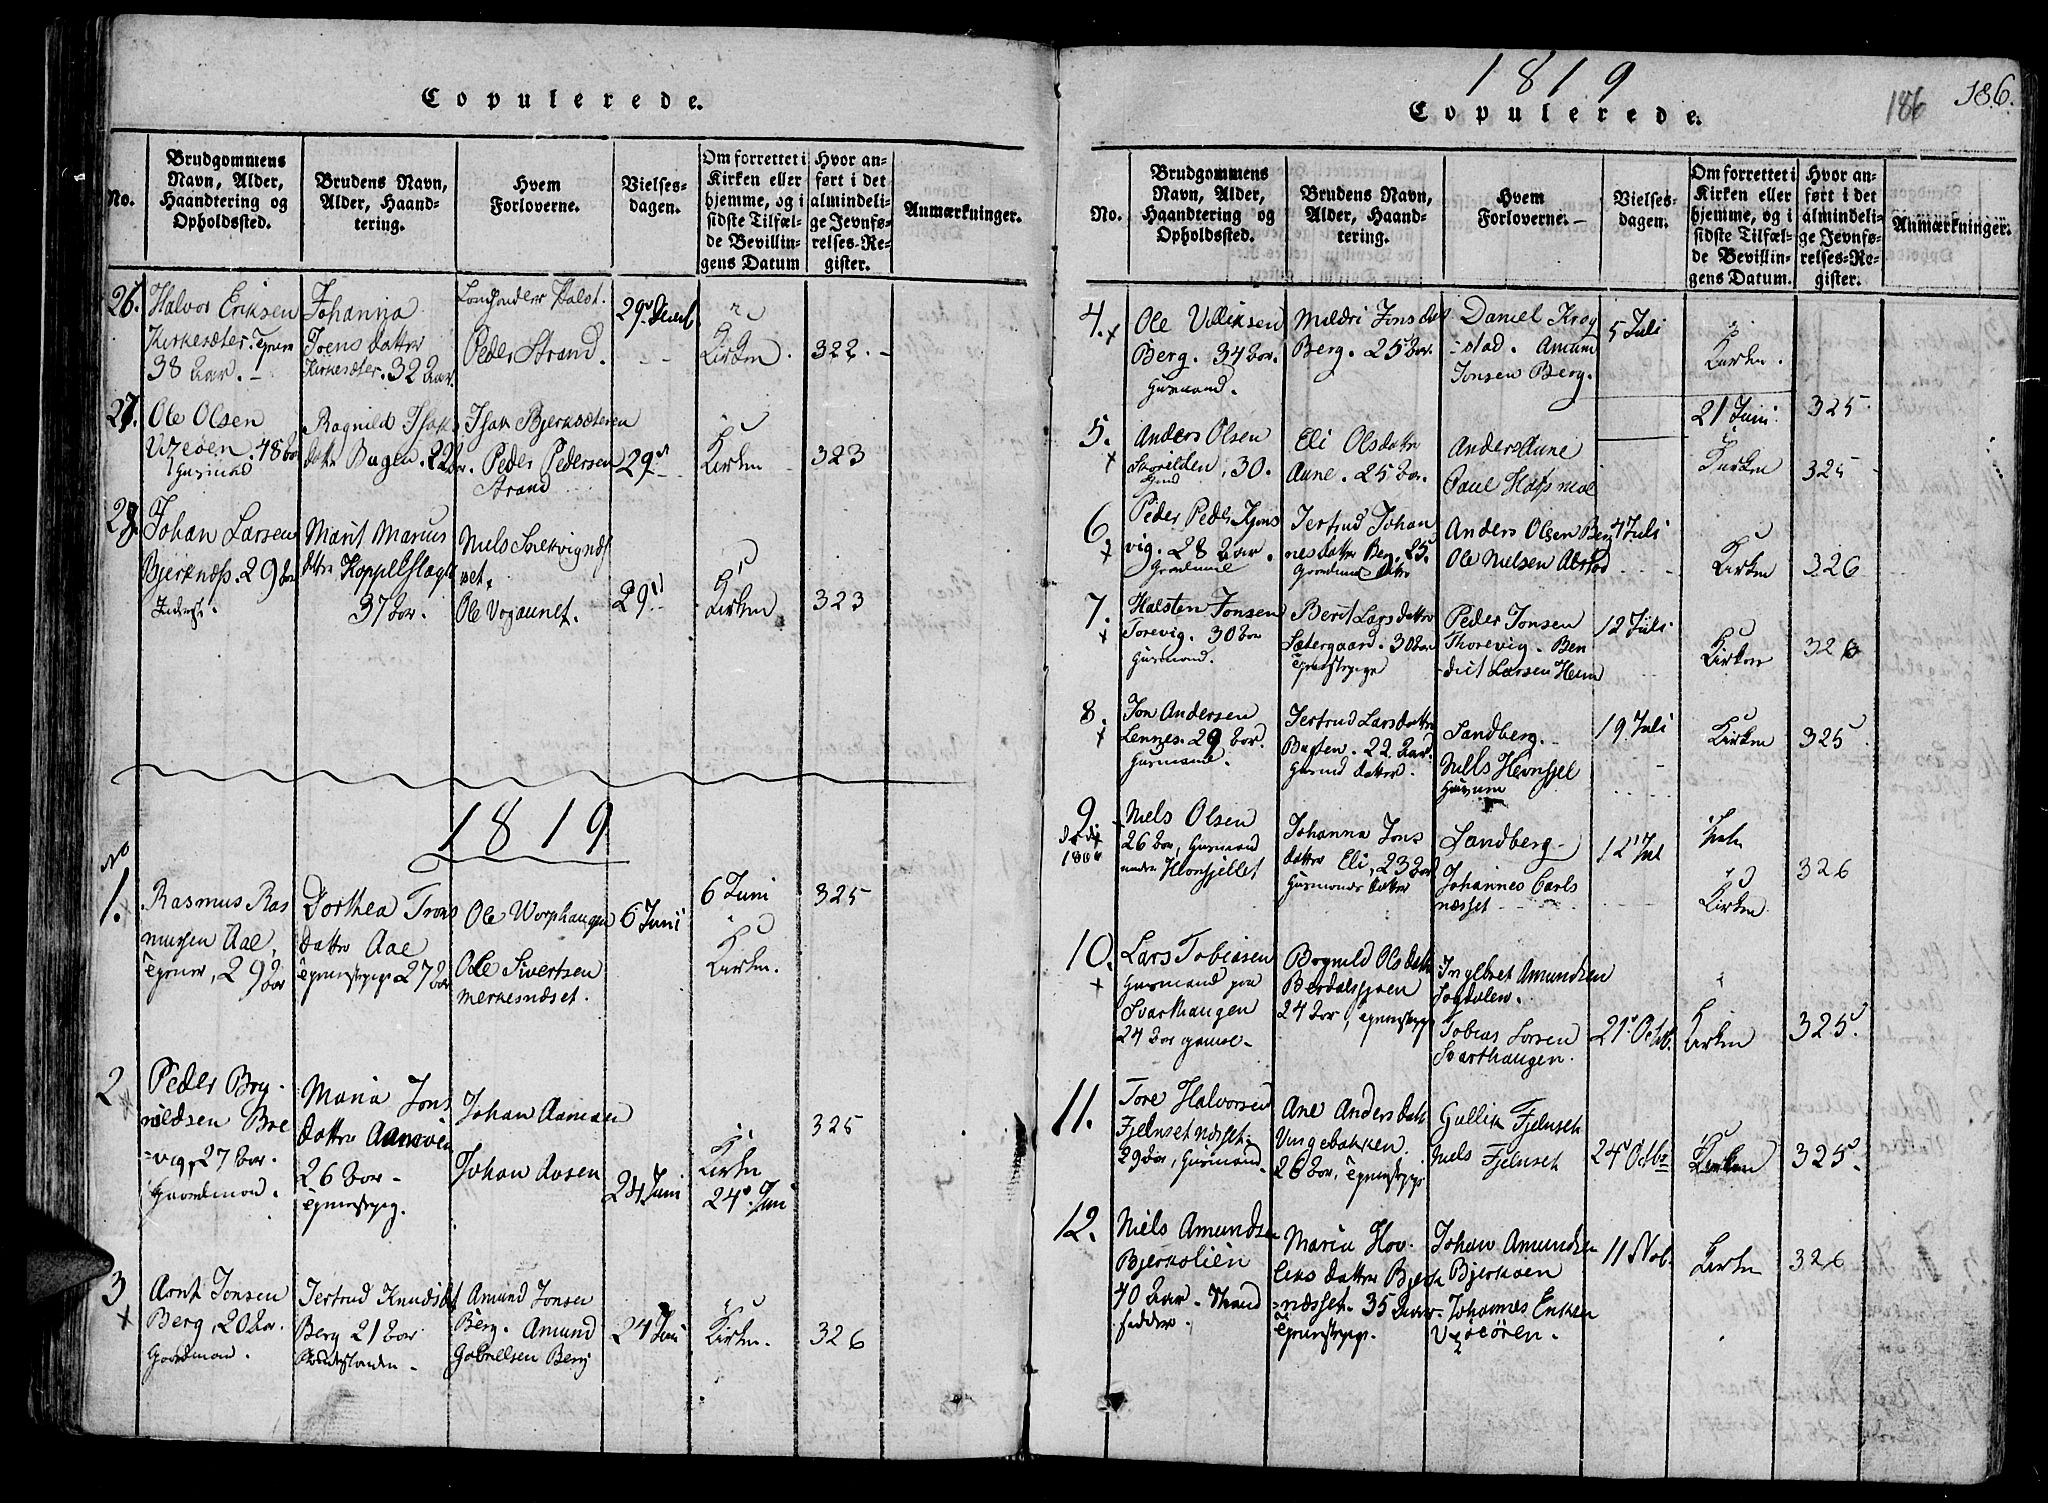 SAT, Ministerialprotokoller, klokkerbøker og fødselsregistre - Sør-Trøndelag, 630/L0491: Ministerialbok nr. 630A04, 1818-1830, s. 186